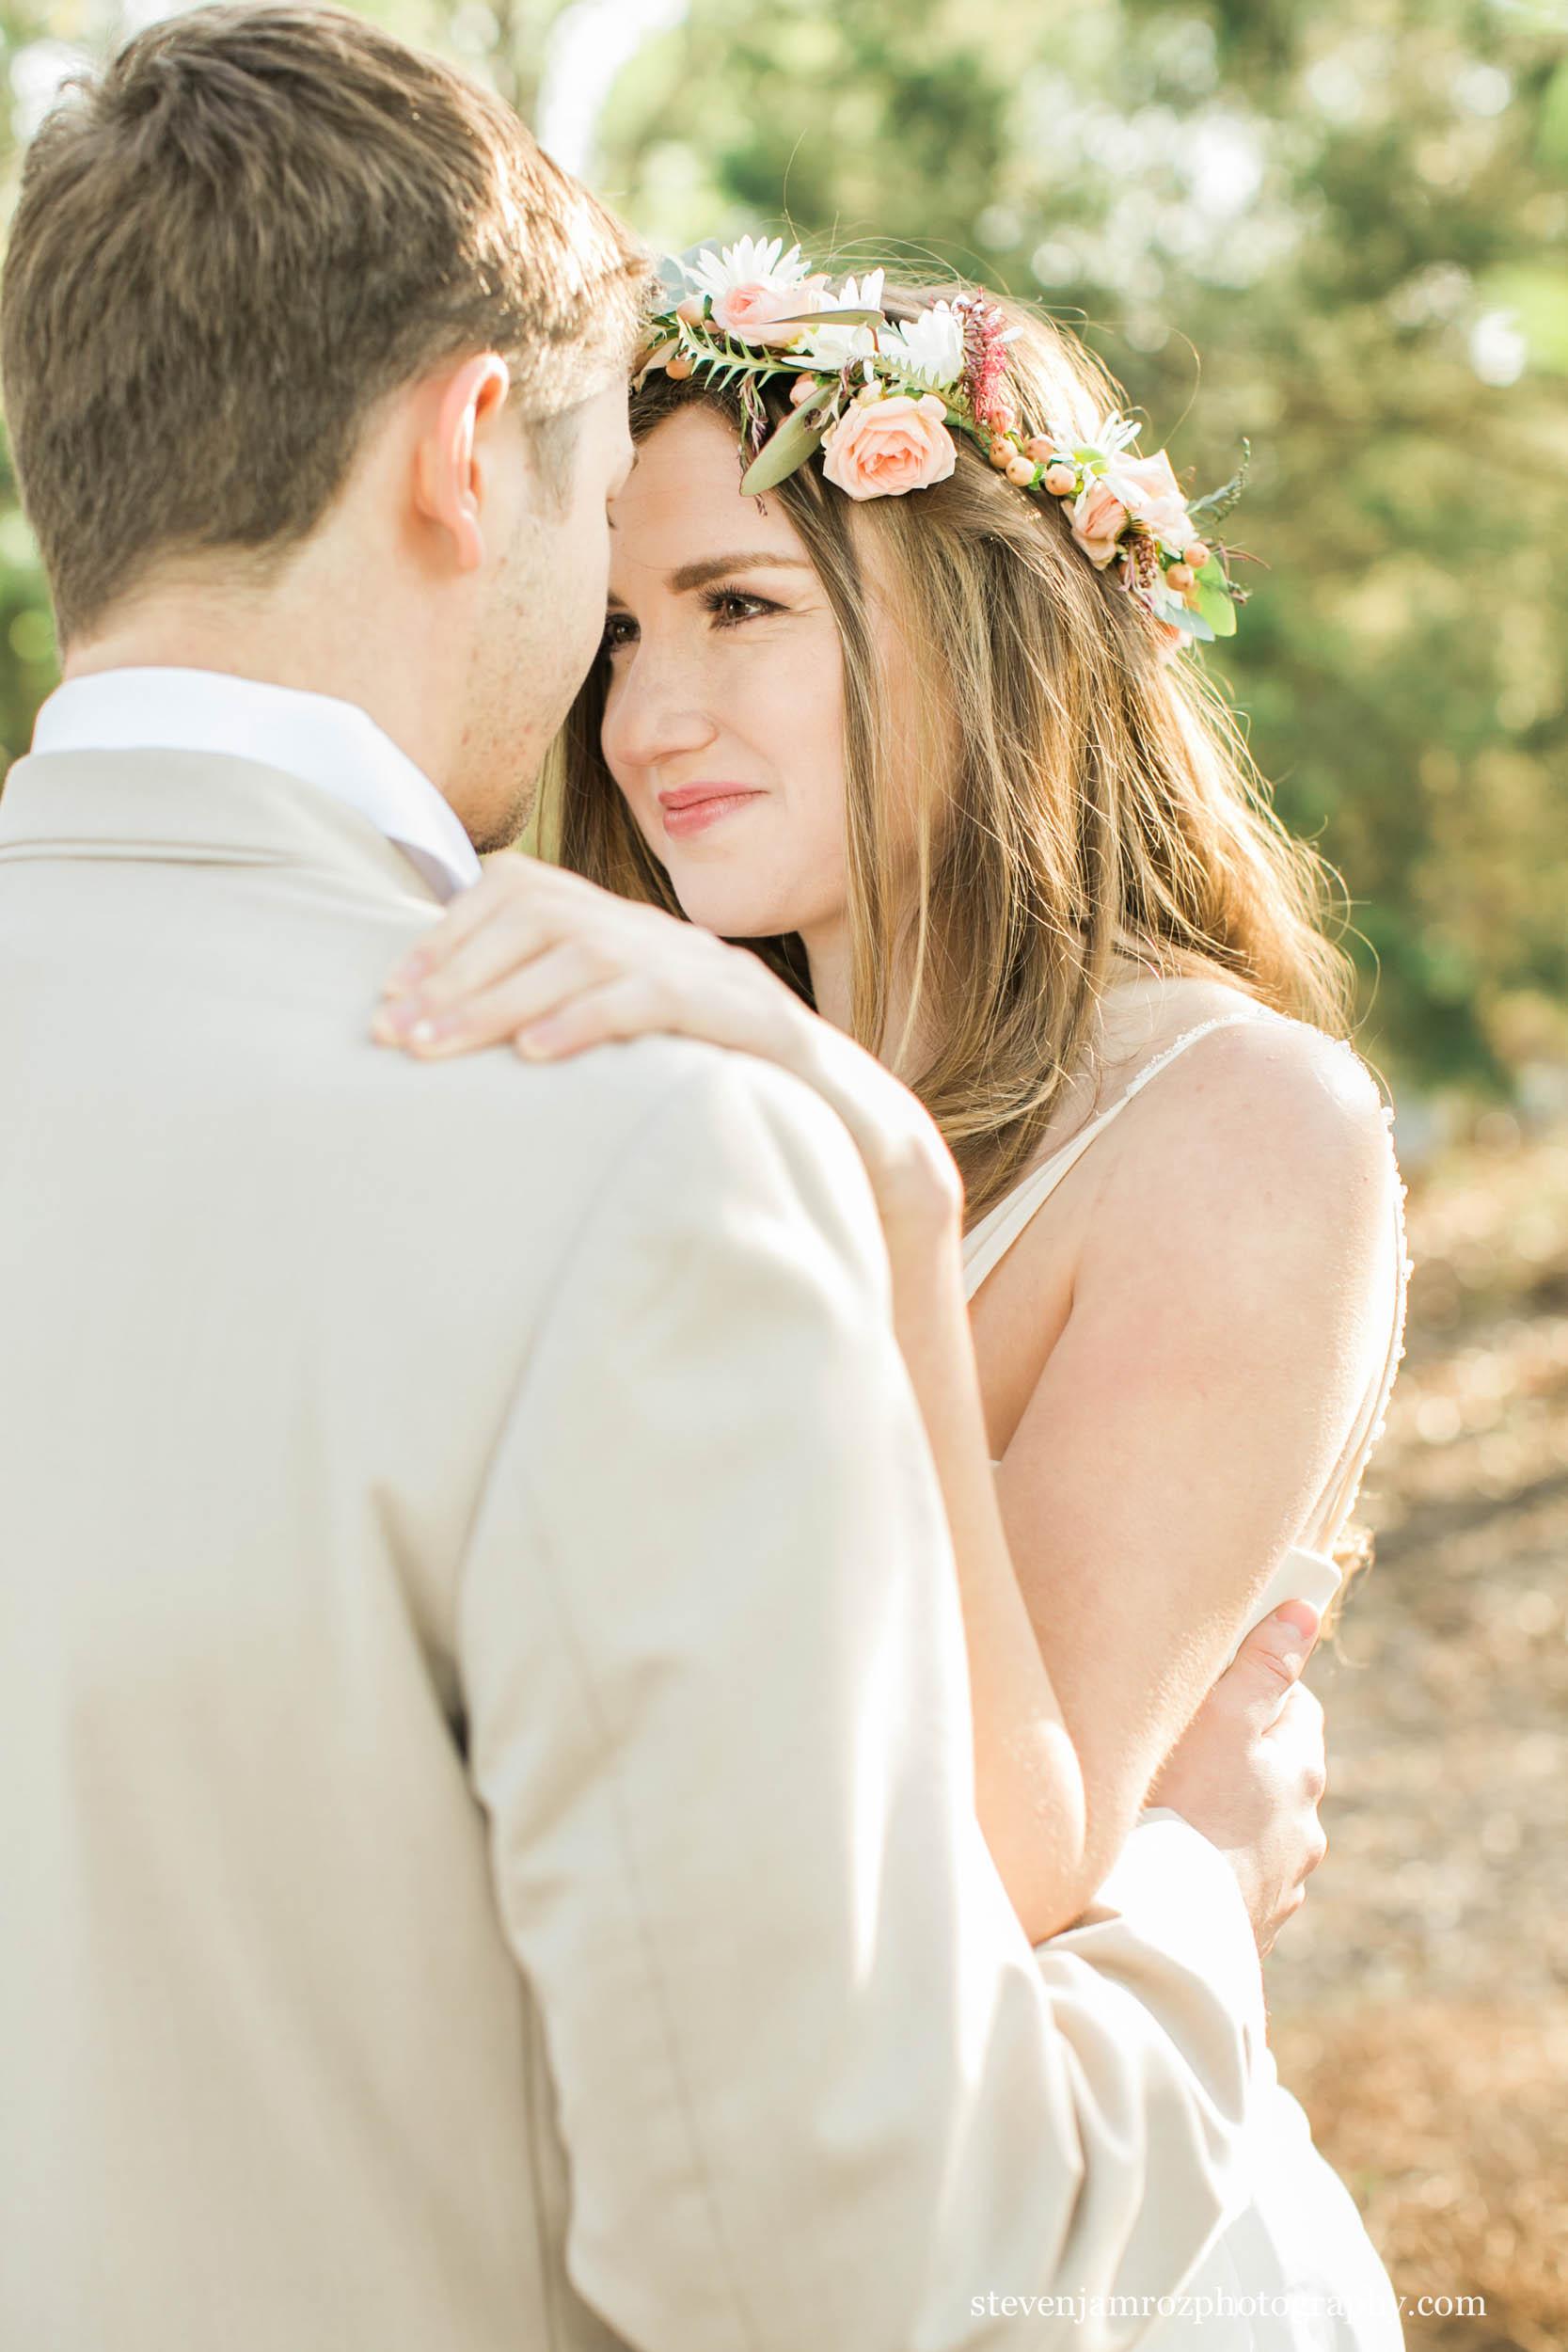 couple-bride-groom-sunset-portrait-styled-shoot-cedar-grove-acres.jpg